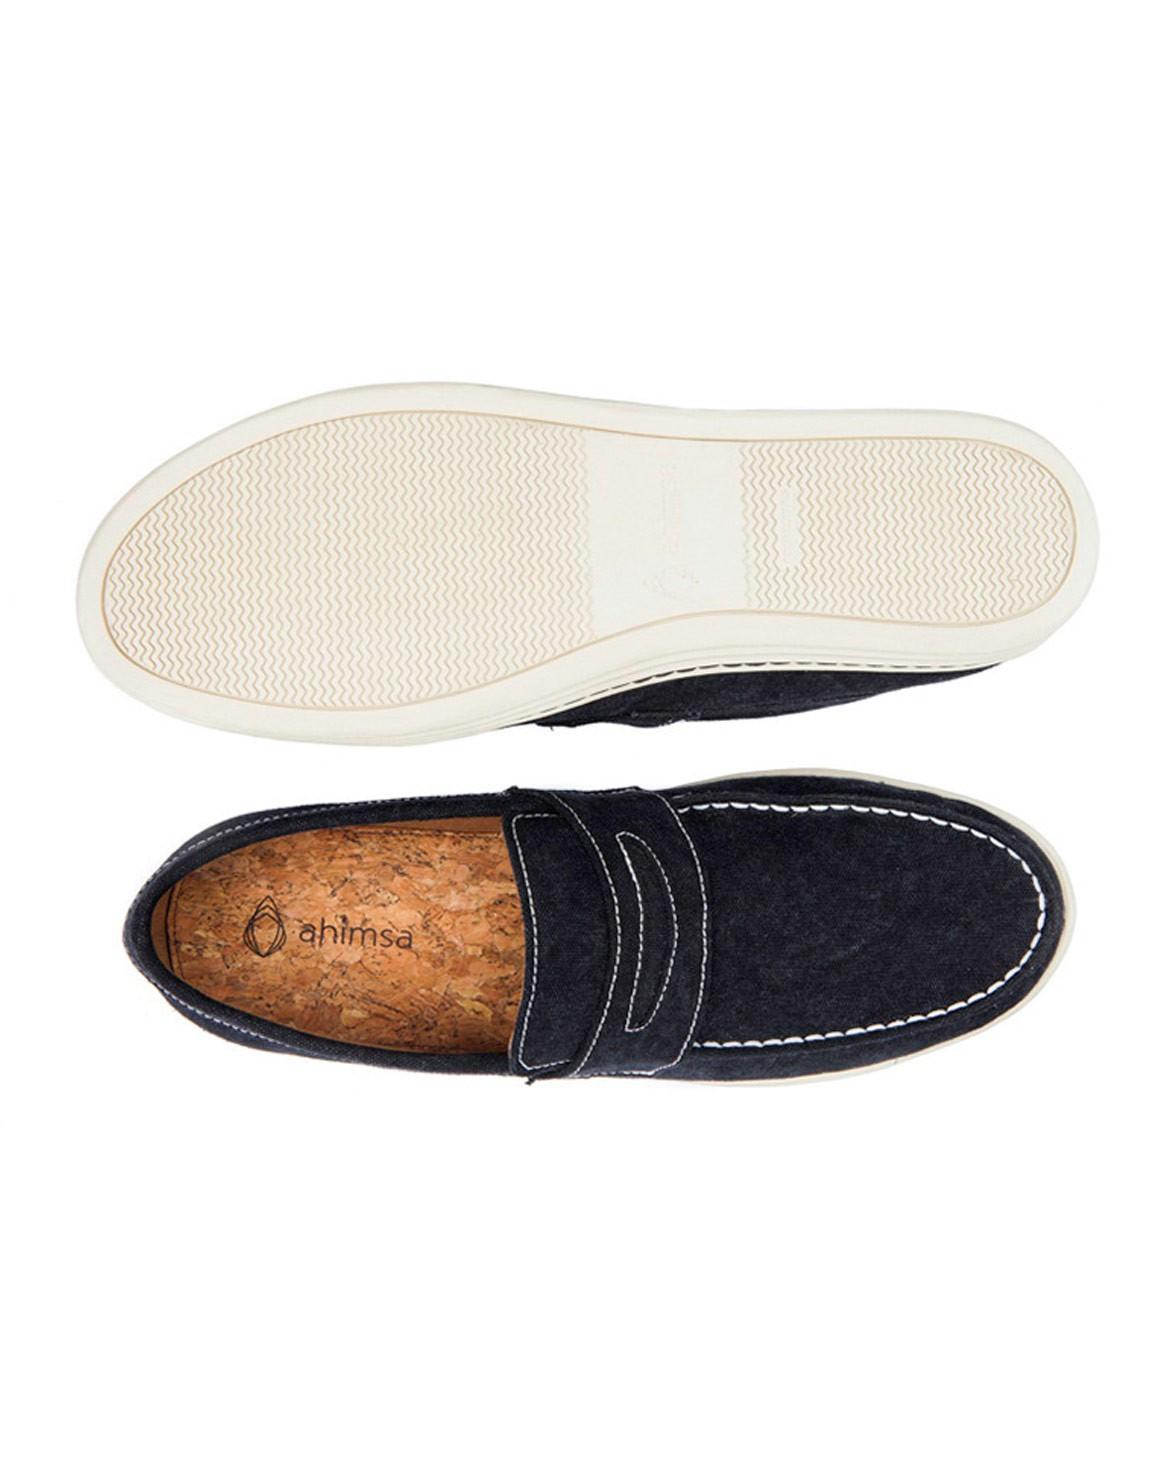 Moc Sider Shoe